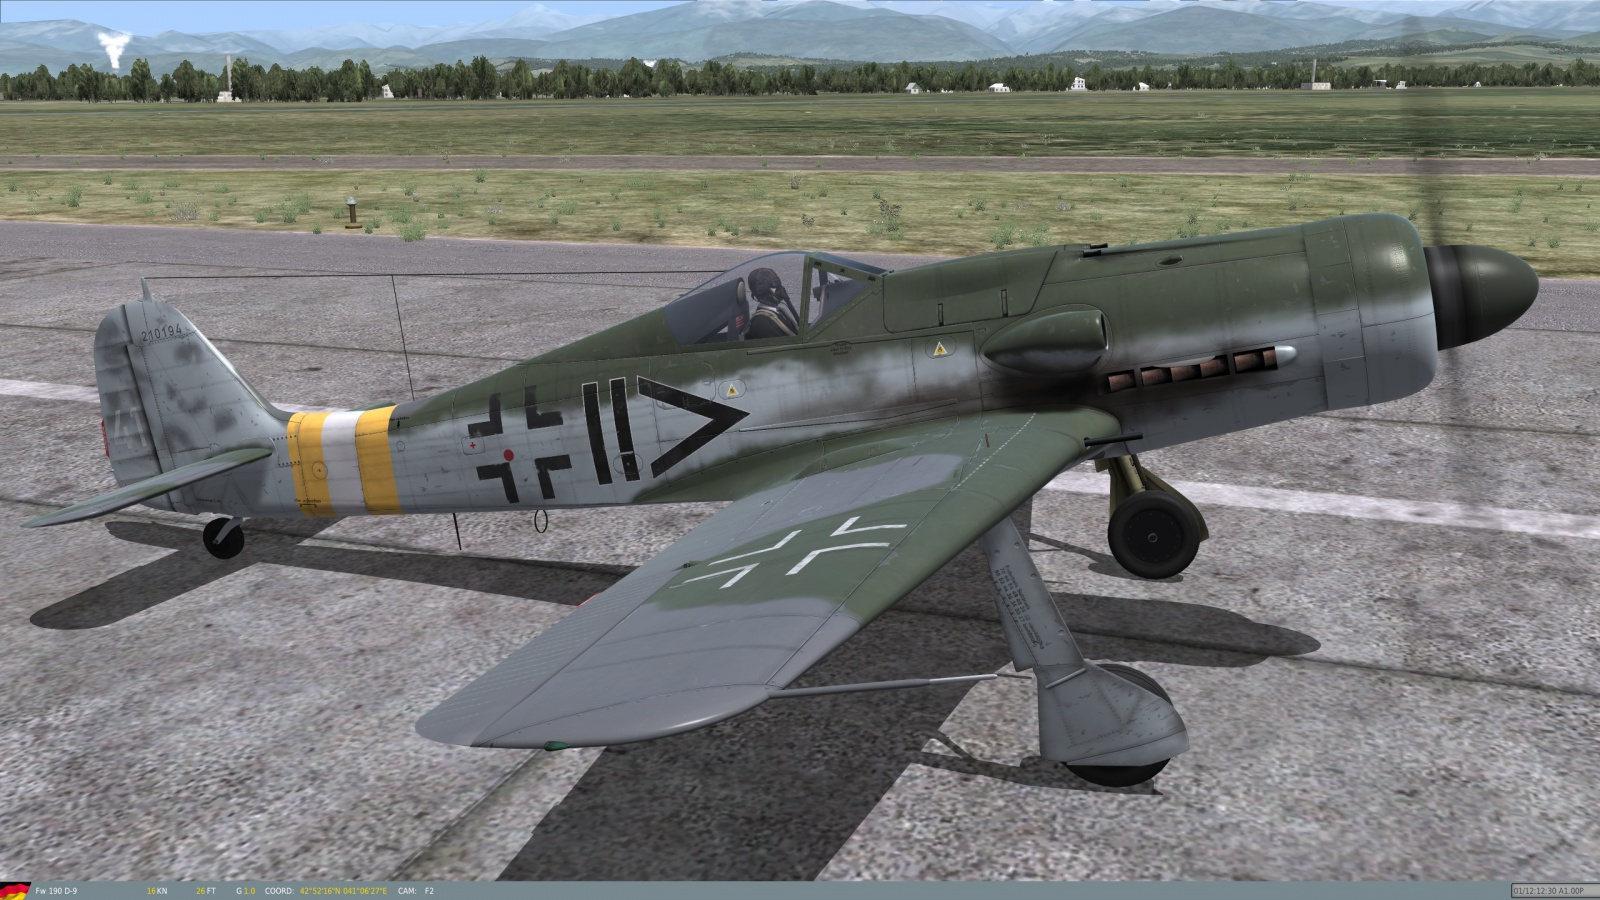 Siegfried Schnell FW-190 A8